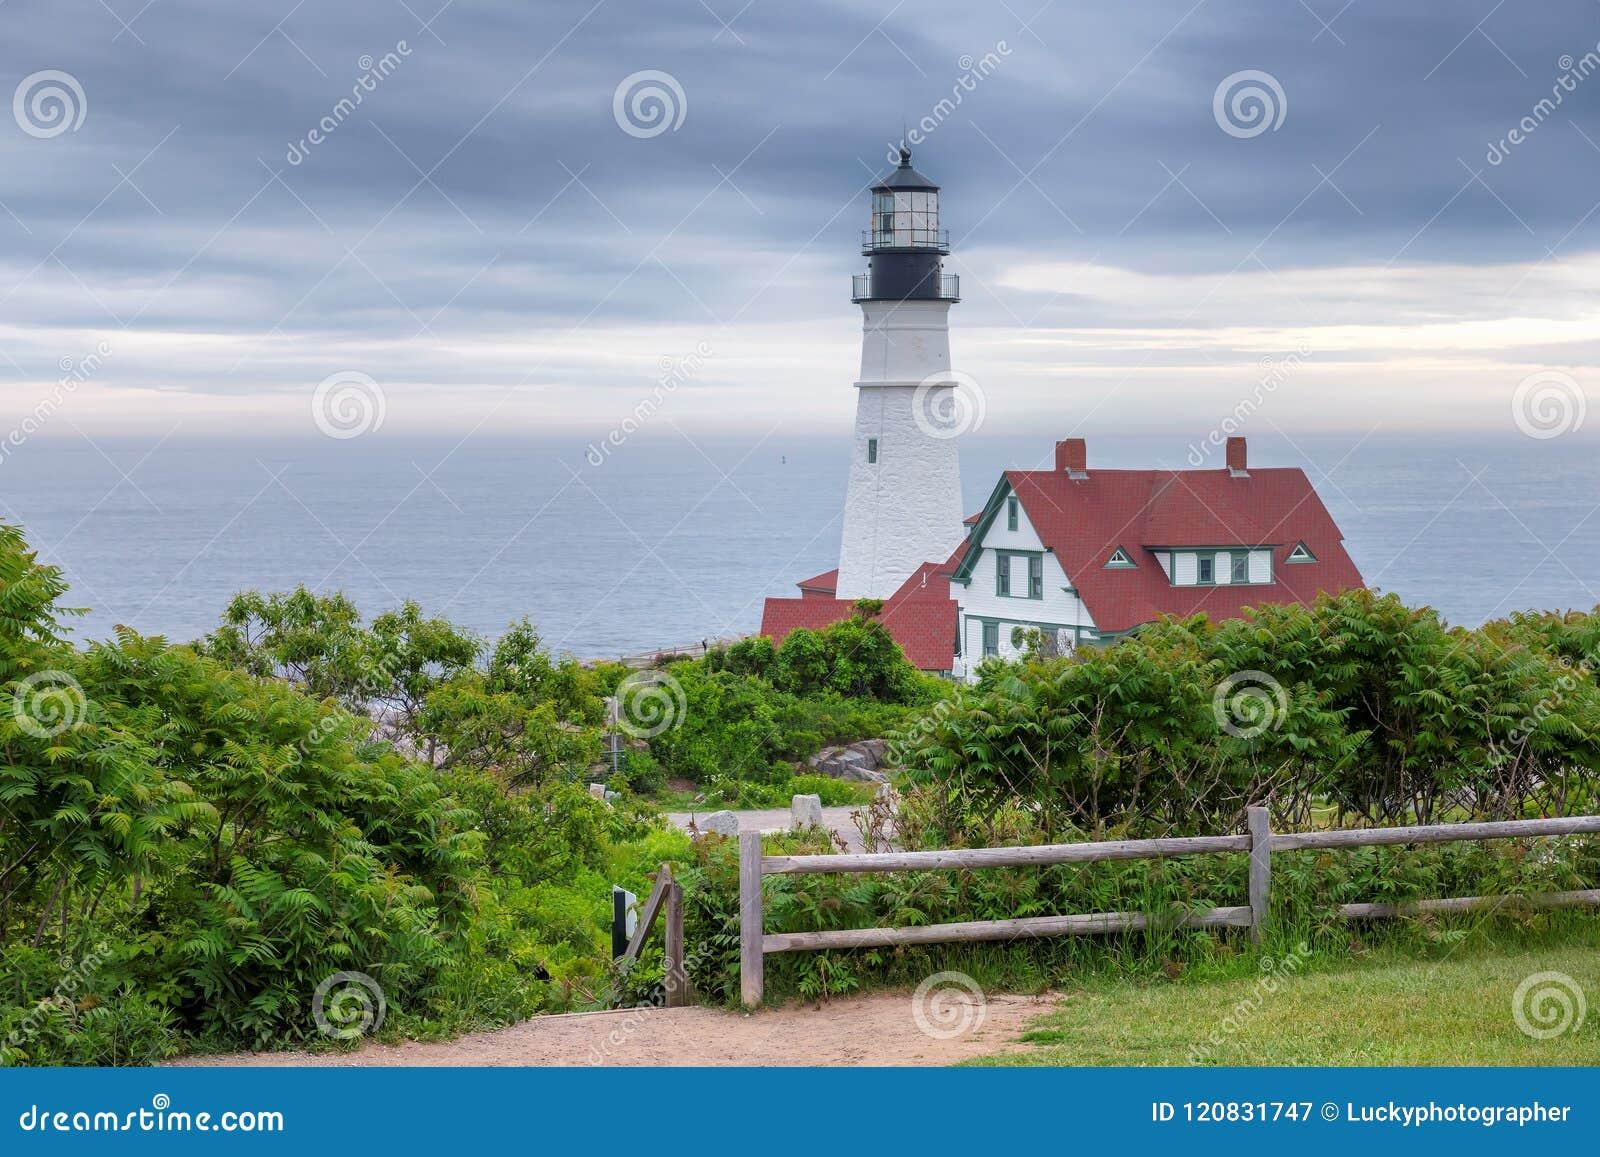 Portland Lighthouse, Maine, USA.